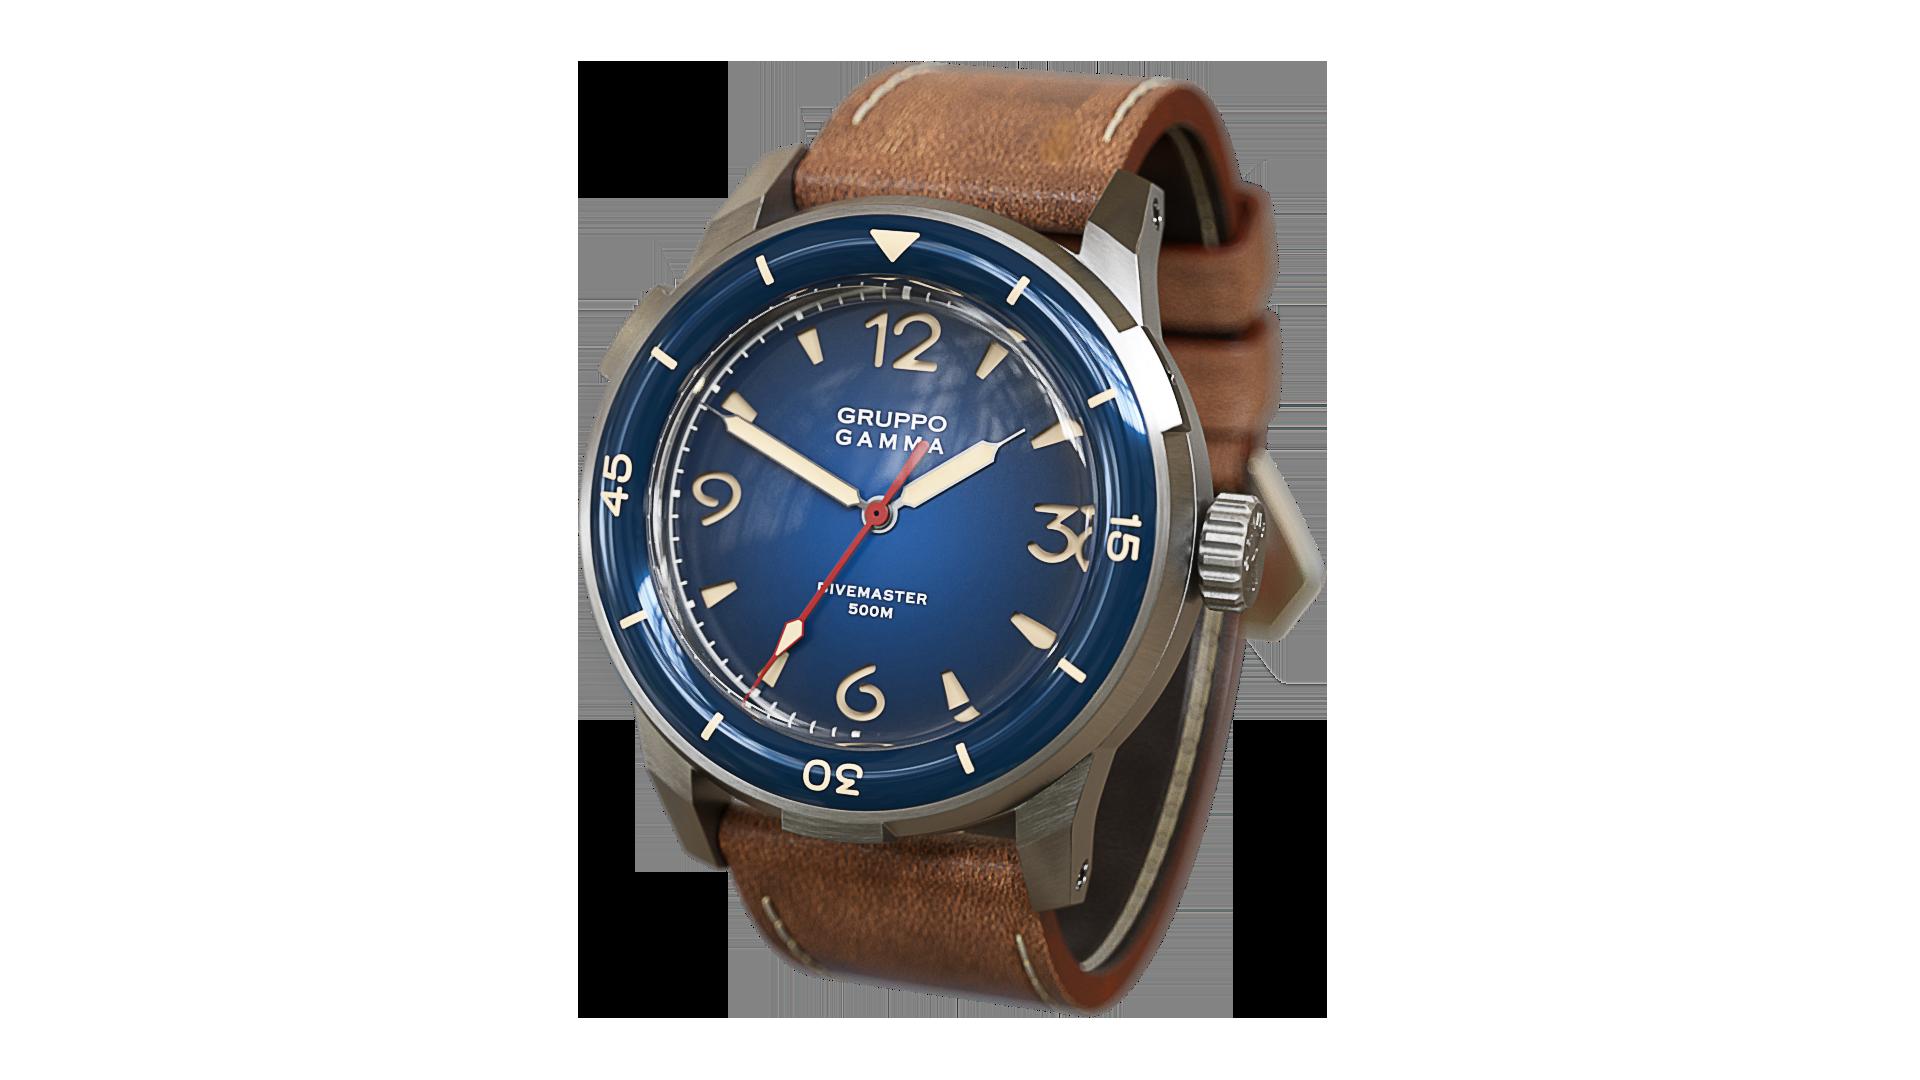 Divemaster DG-05 Preordine / Preorder 00047